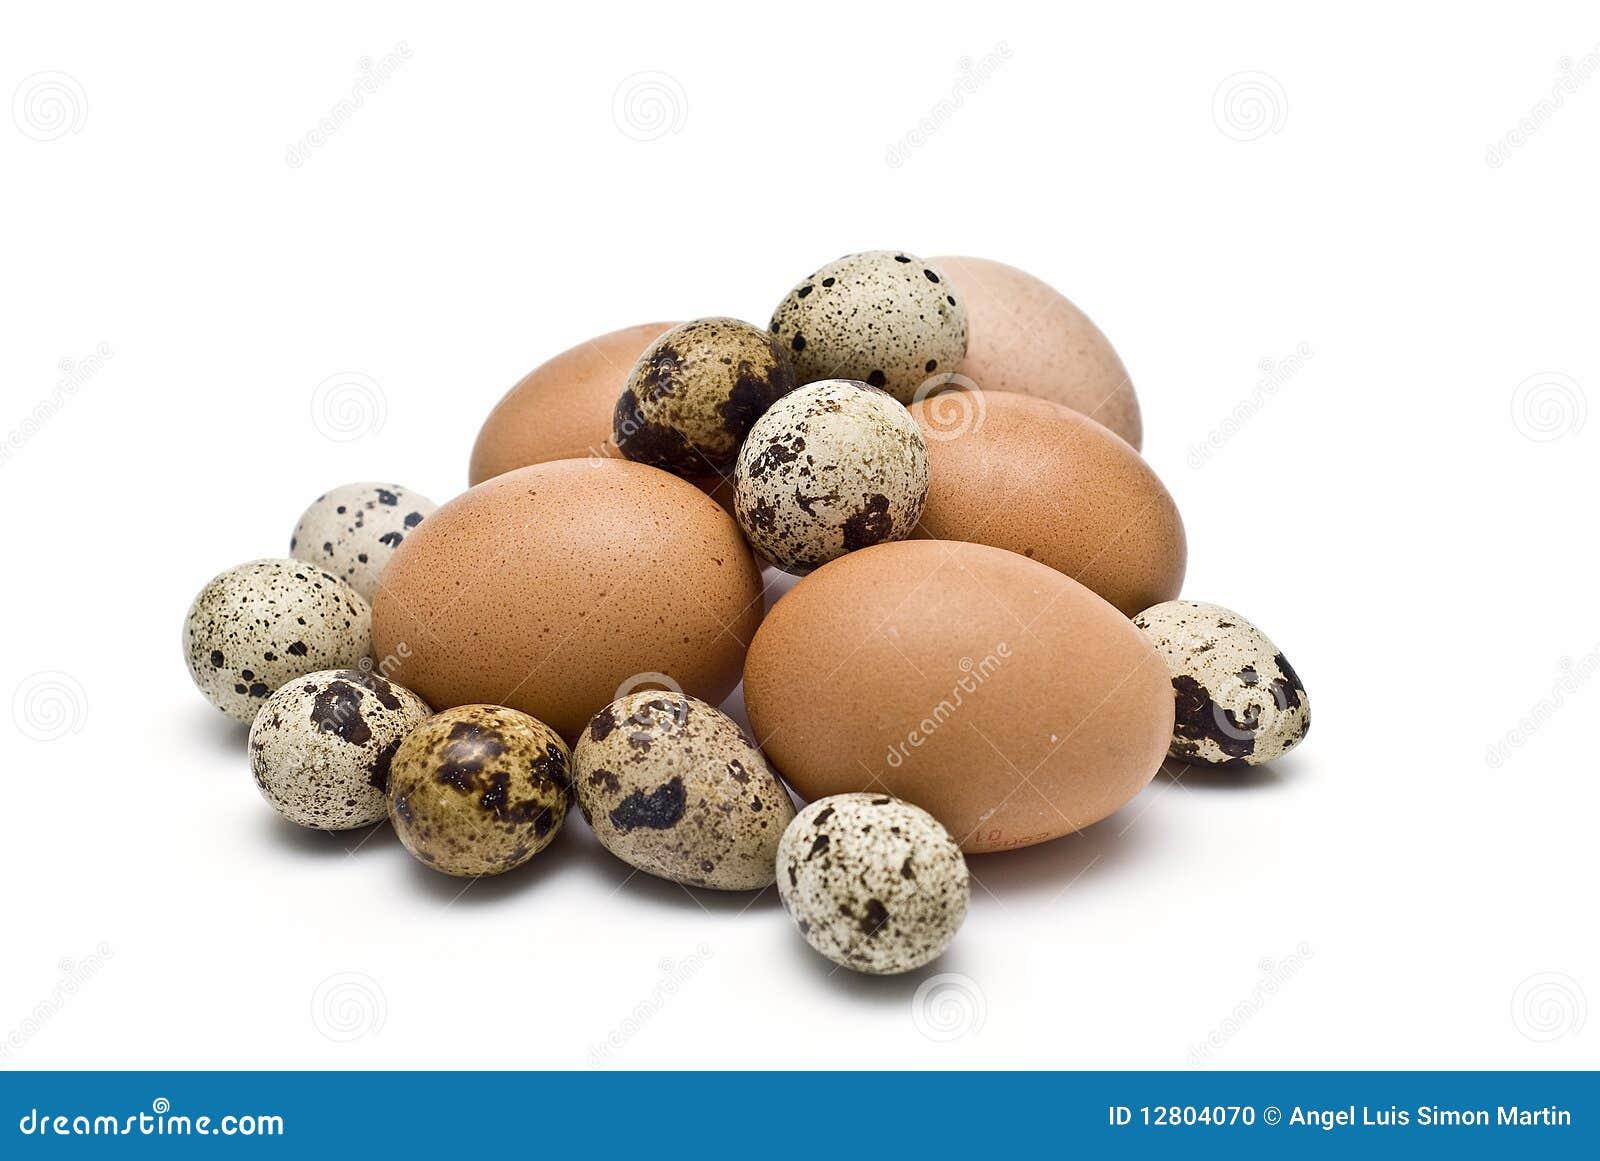 Muitos egss das codorniz e da galinha.